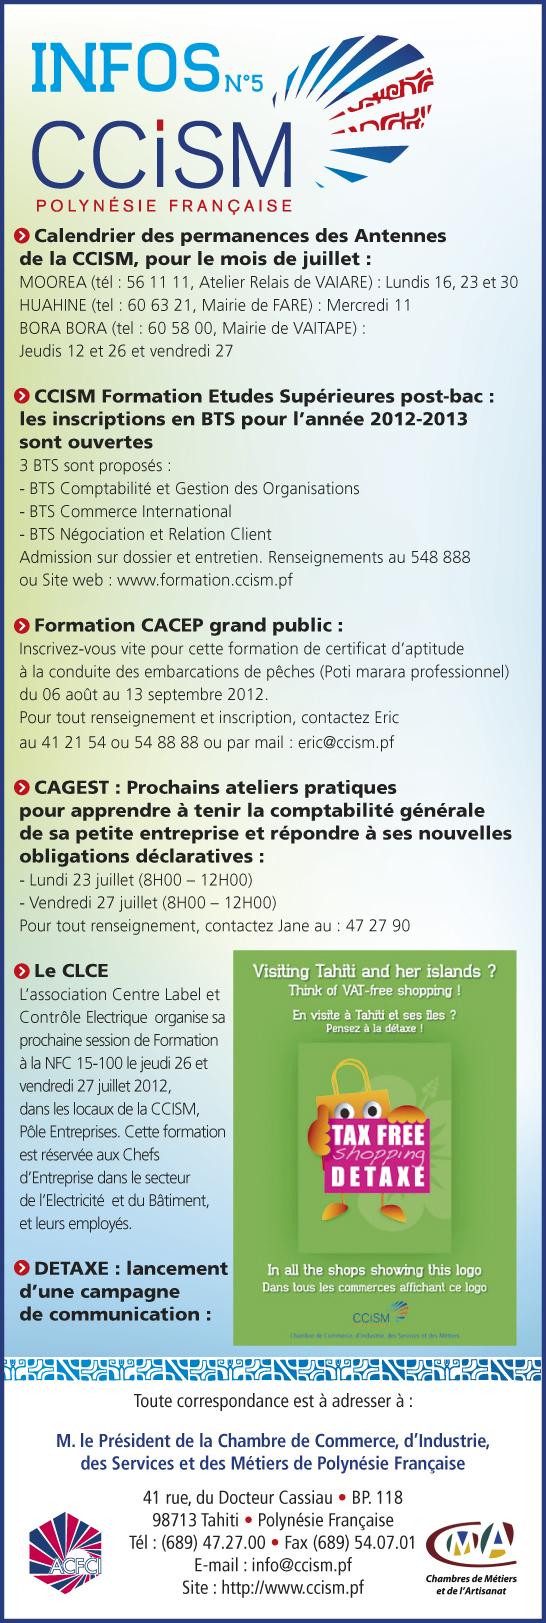 Infos CCISM N°5